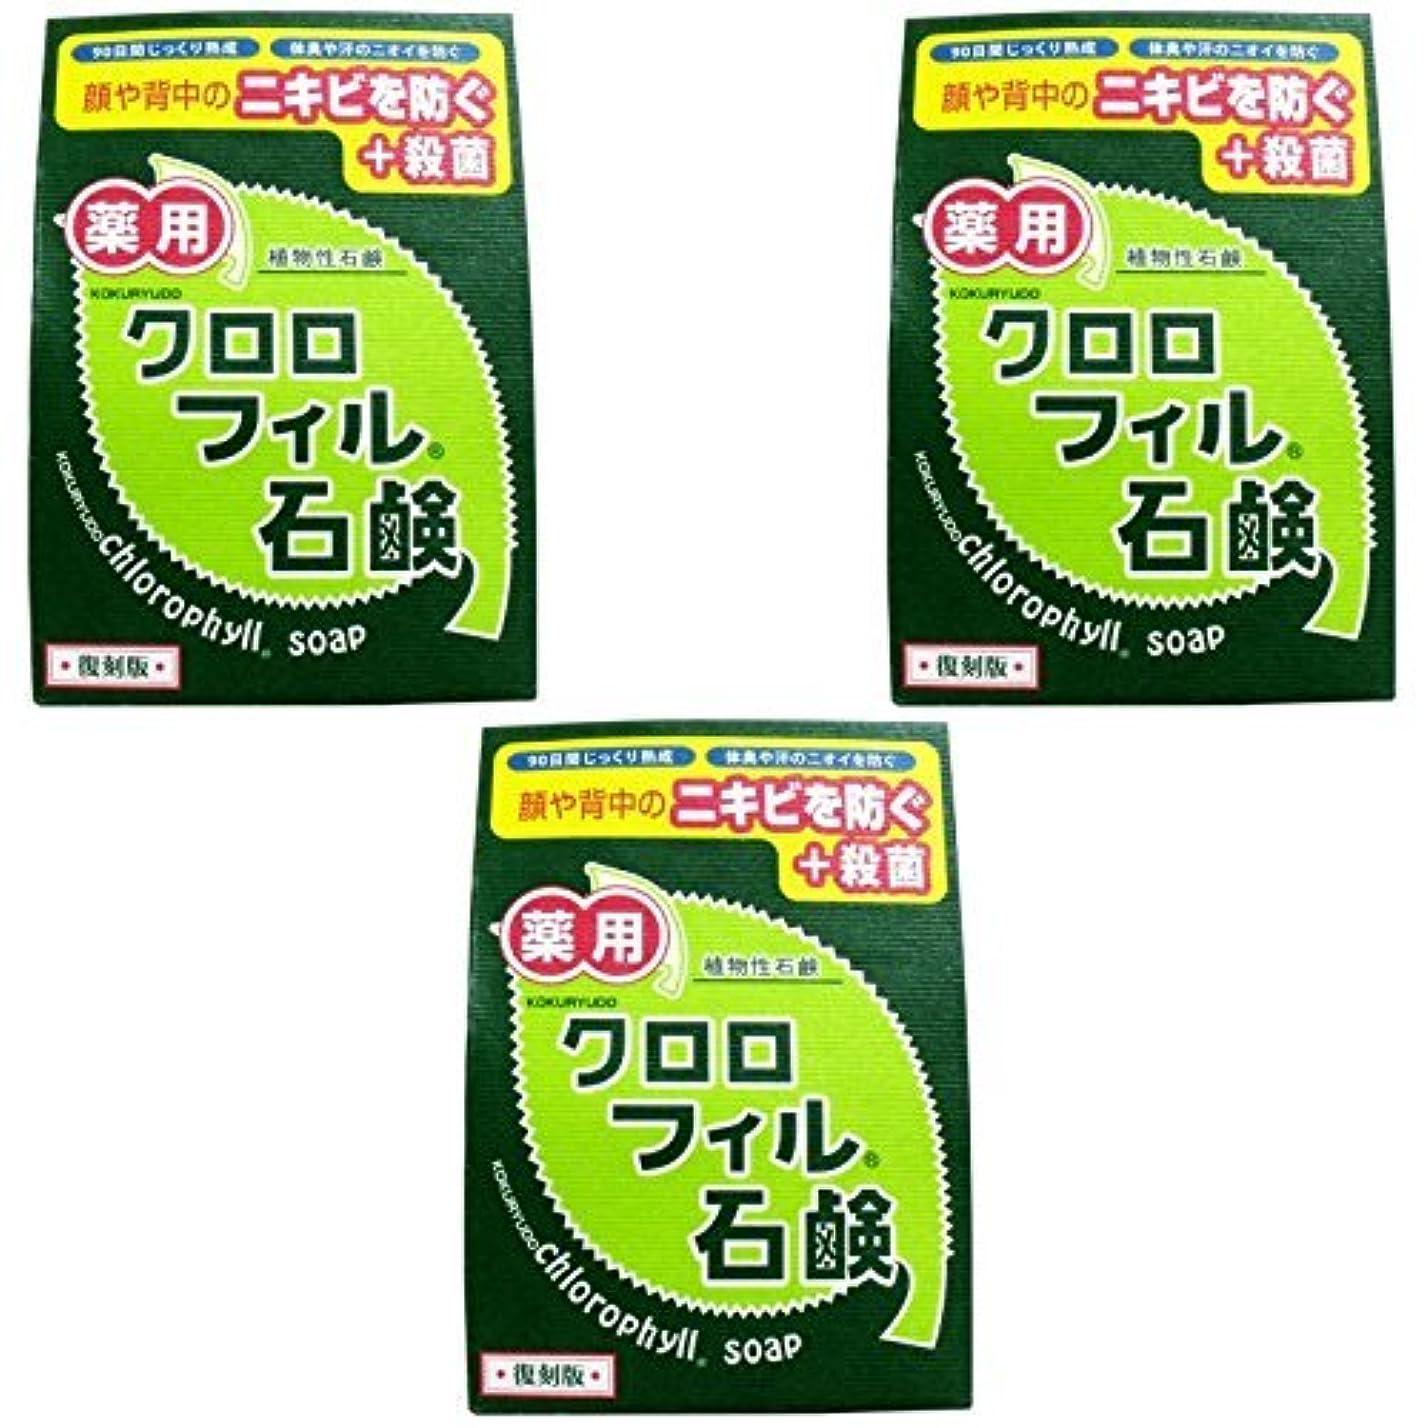 無効延期するトリム【まとめ買い】クロロフィル石鹸 復刻版 85g (医薬部外品)【×3個】